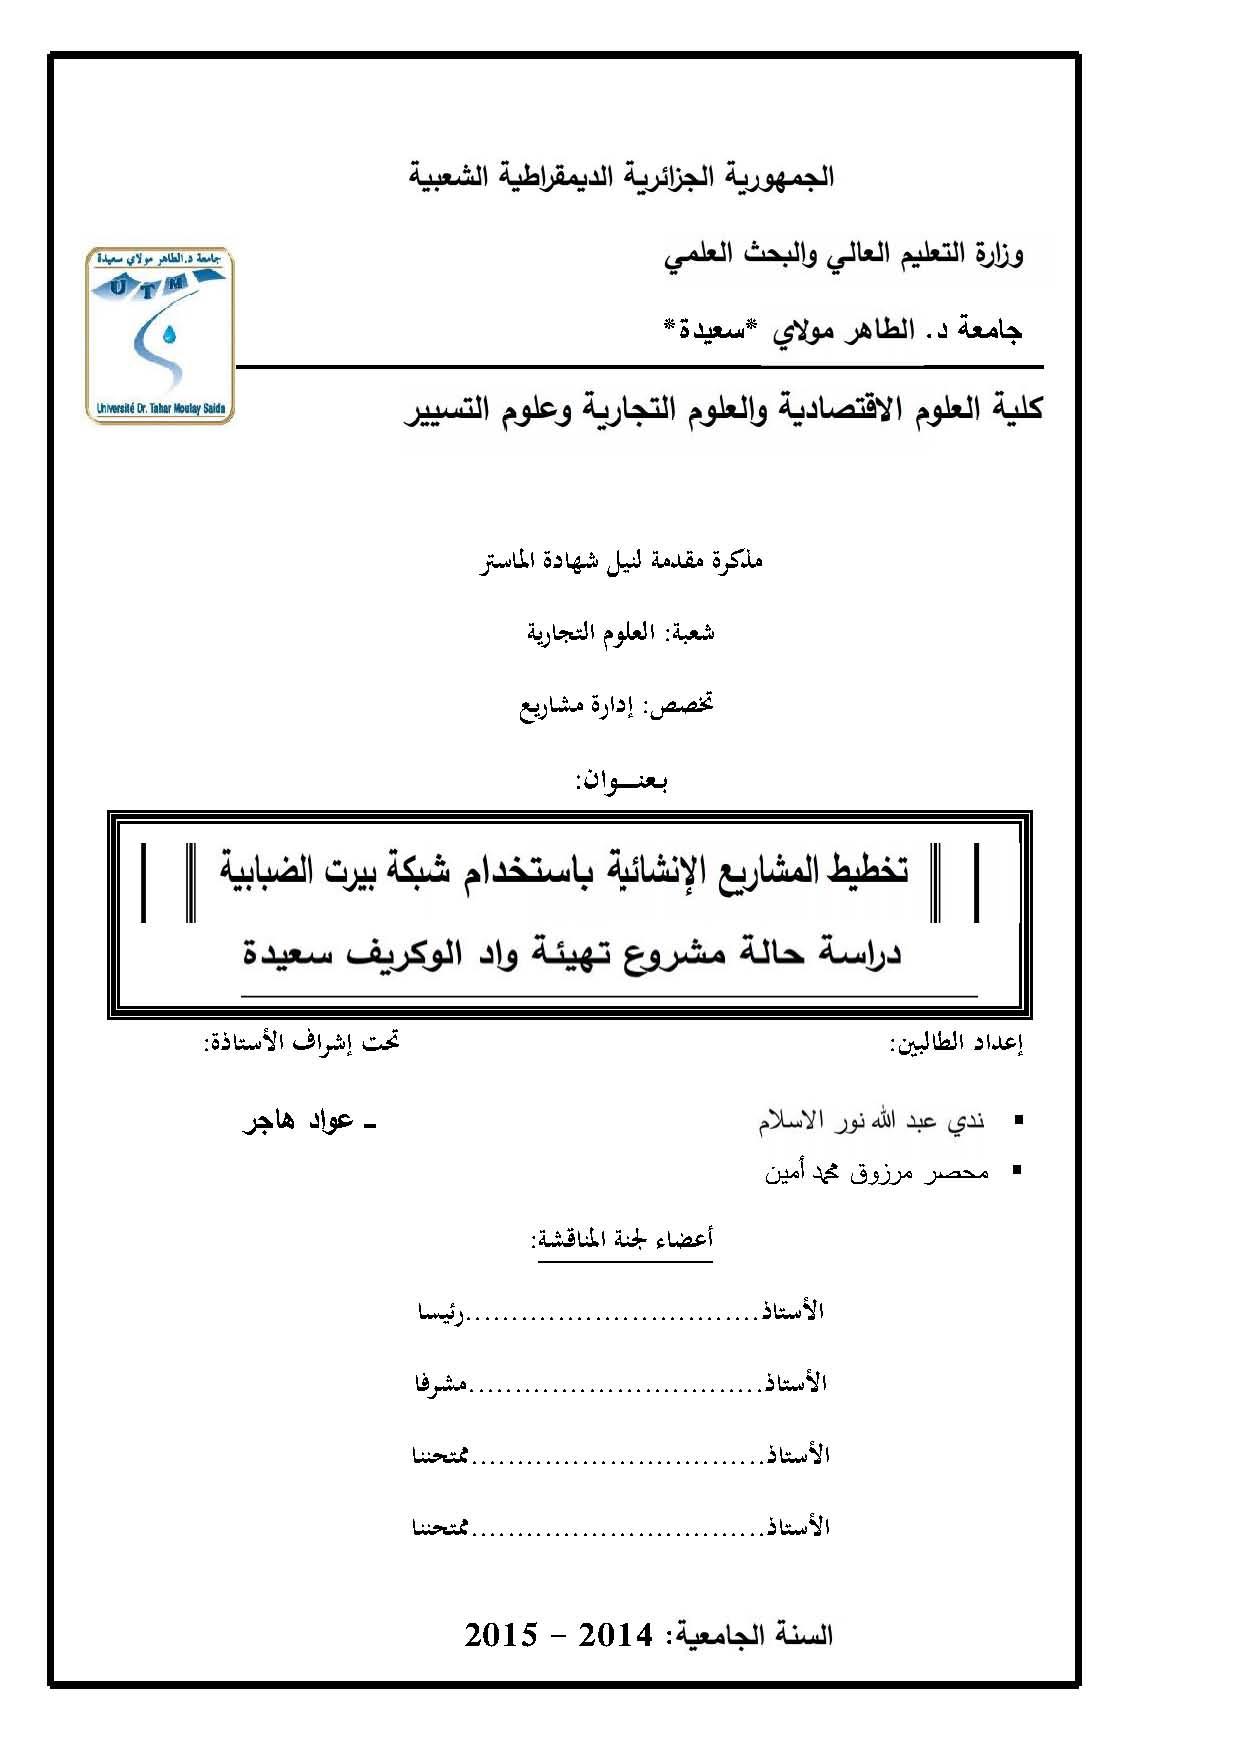 حمل الان كتاب التخطيط للمشاريع الانشائية باستخدام طريقة بيرت